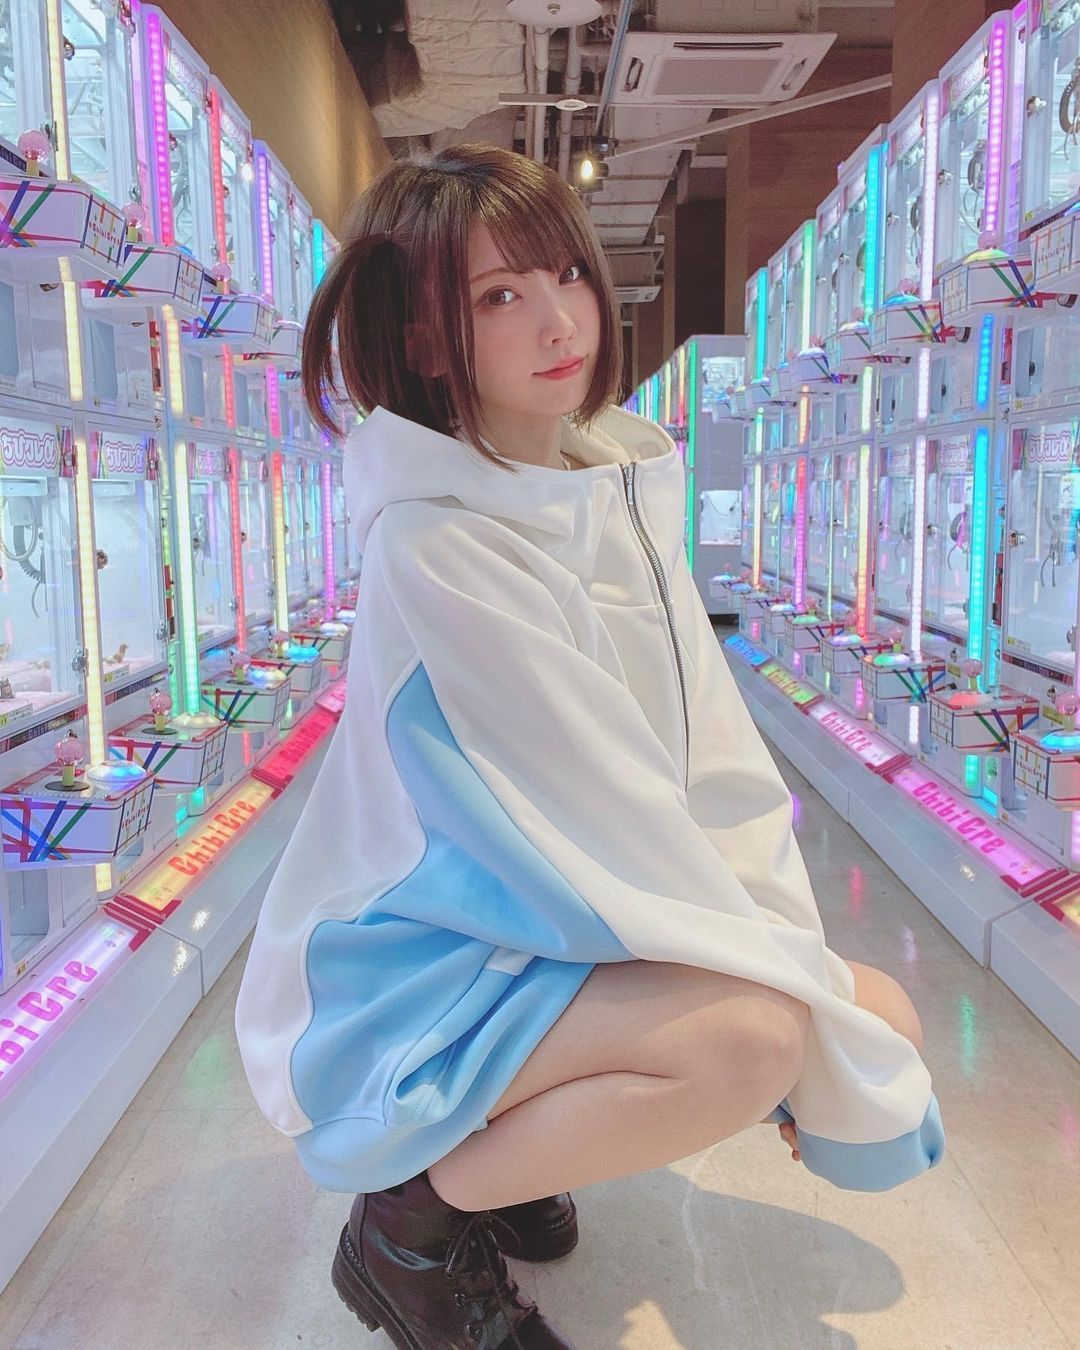 日本百万Coser 再出写真Enako 曝光短发+E造型散发青春活力 网络美女 第8张